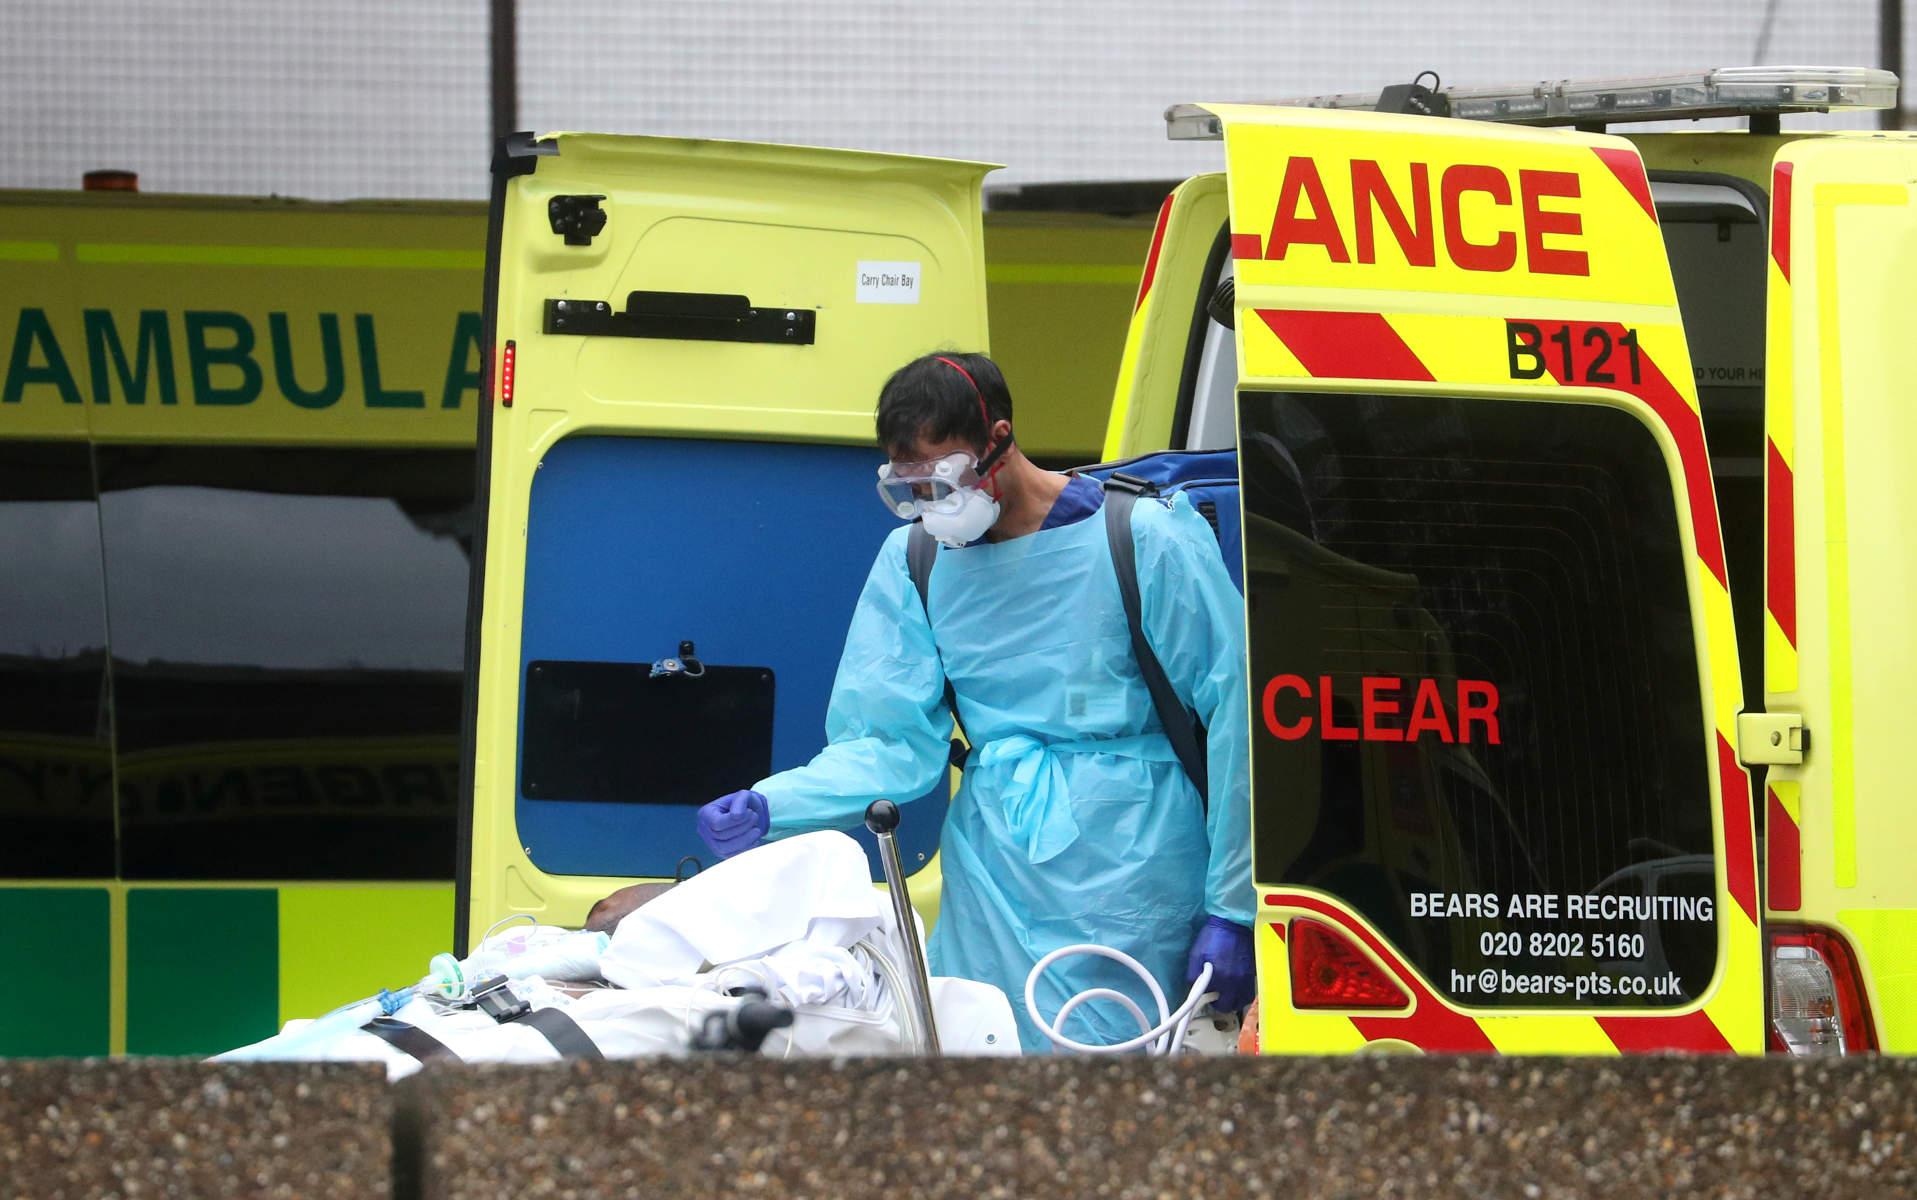 Κορονοϊός: Ρεκόρ θανάτων στη Βρετανία – 708 σε 24 ώρες, 4.313 συνολικά